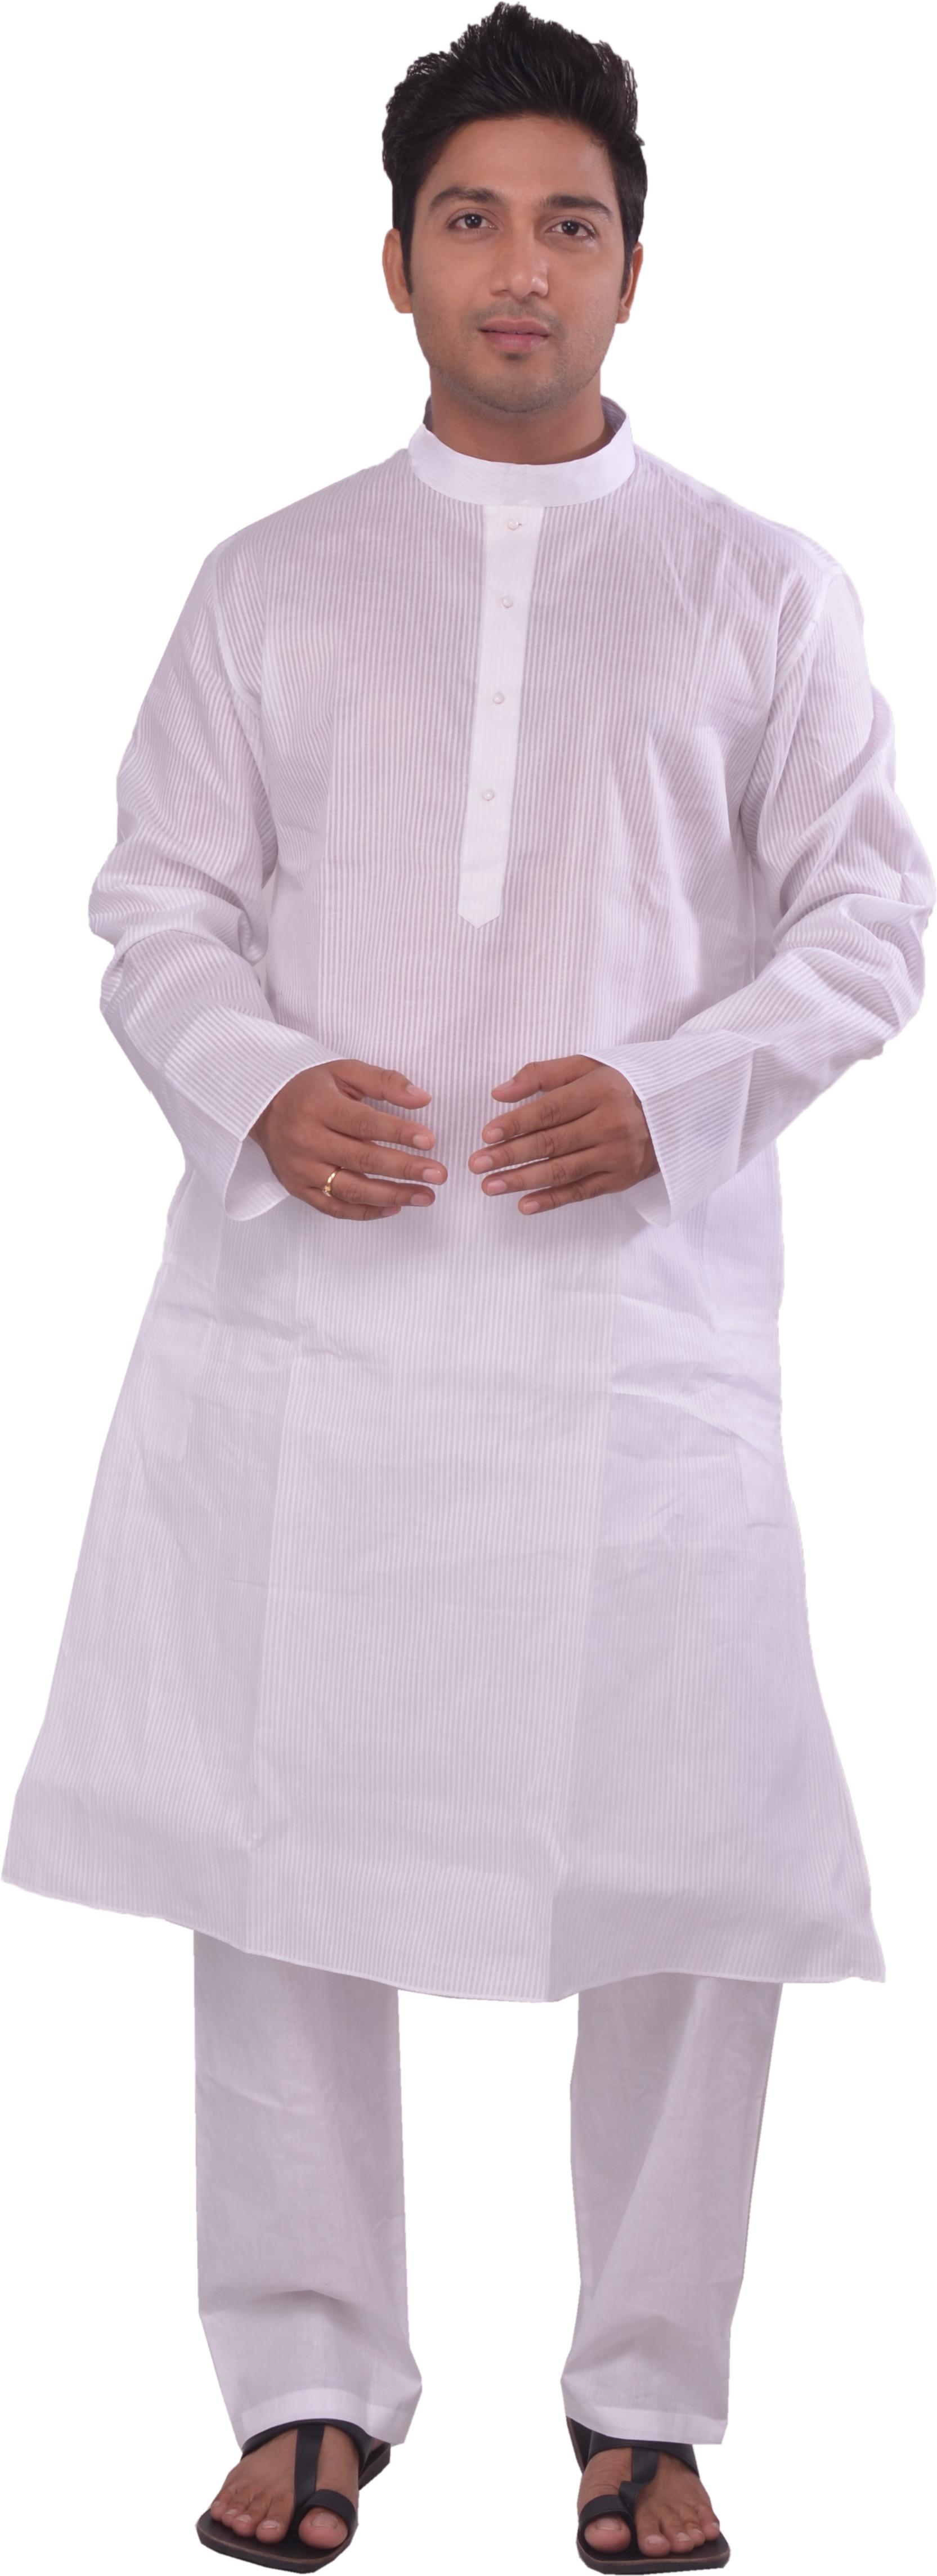 White Kurtas For Mens Manyavar Men's Kurta And